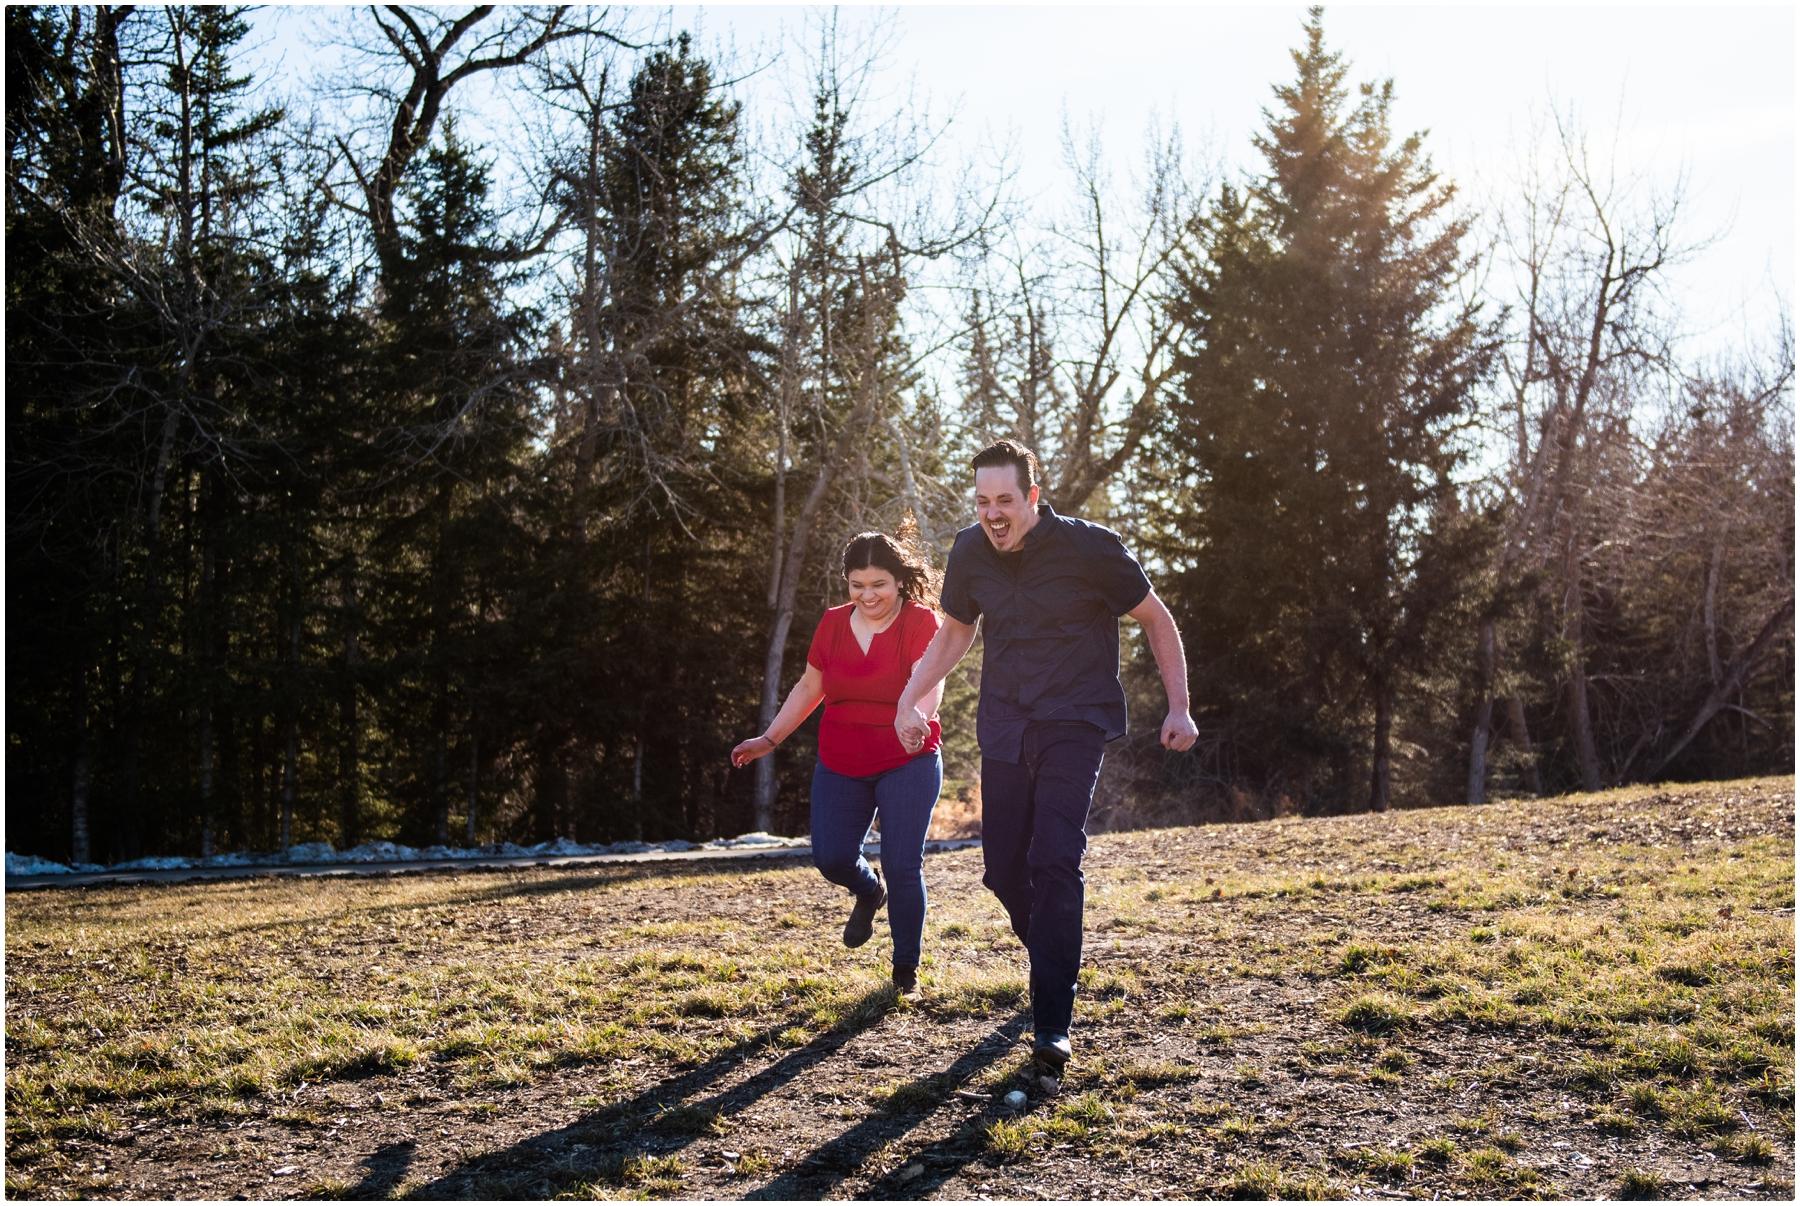 Calgary Engagement Photo Session - Calgary Wedding Photographers